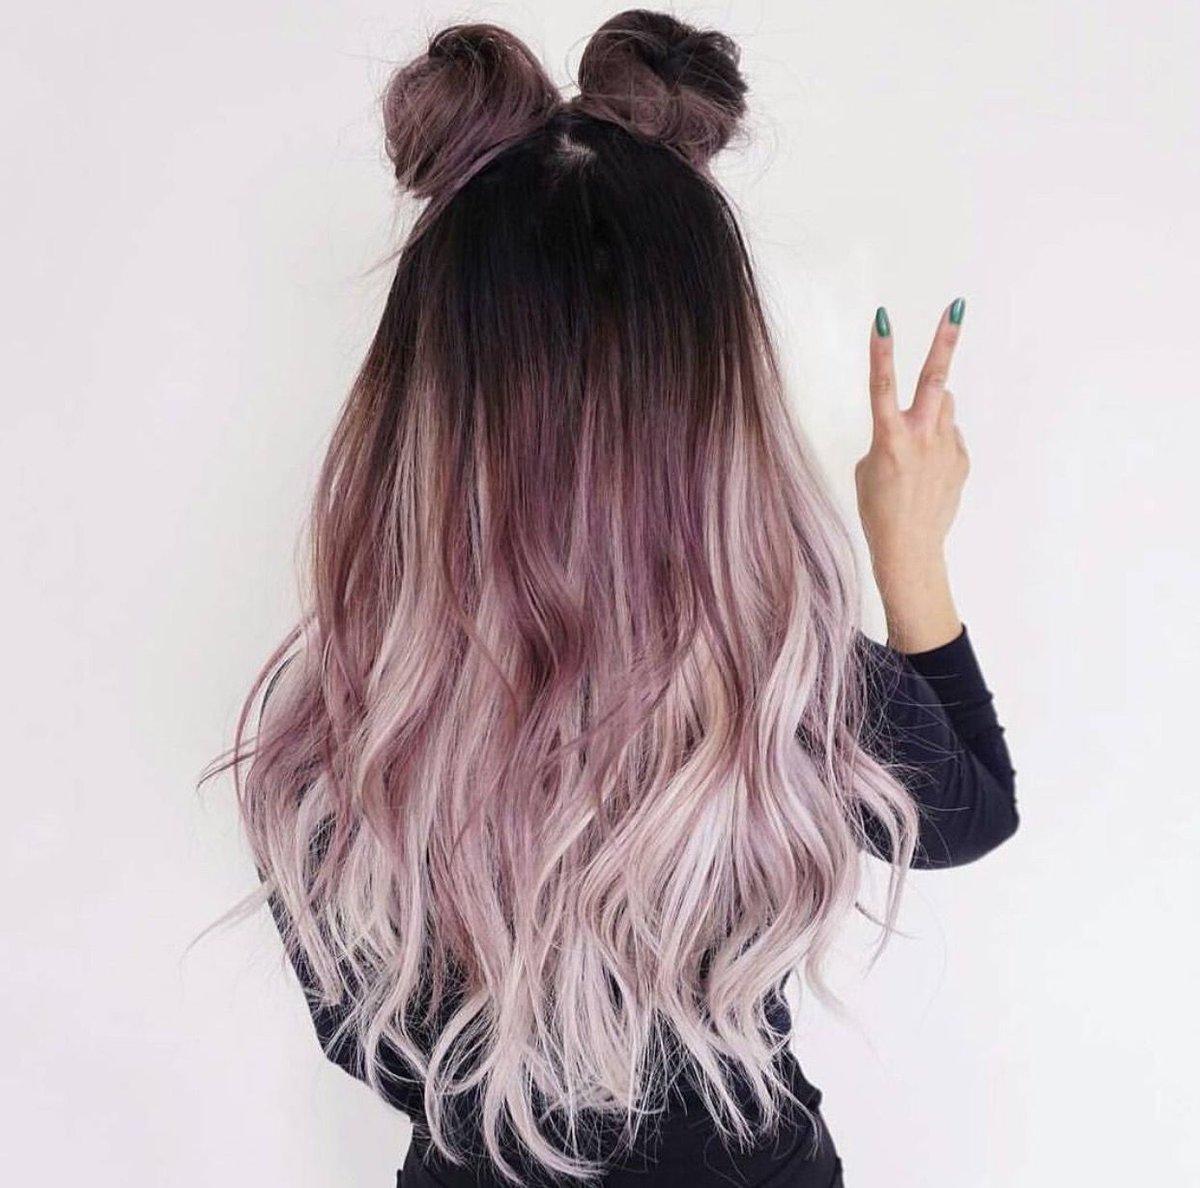 20 kiểu tóc ombre 2021 đẹp nhất nên nhuộm thử ngay